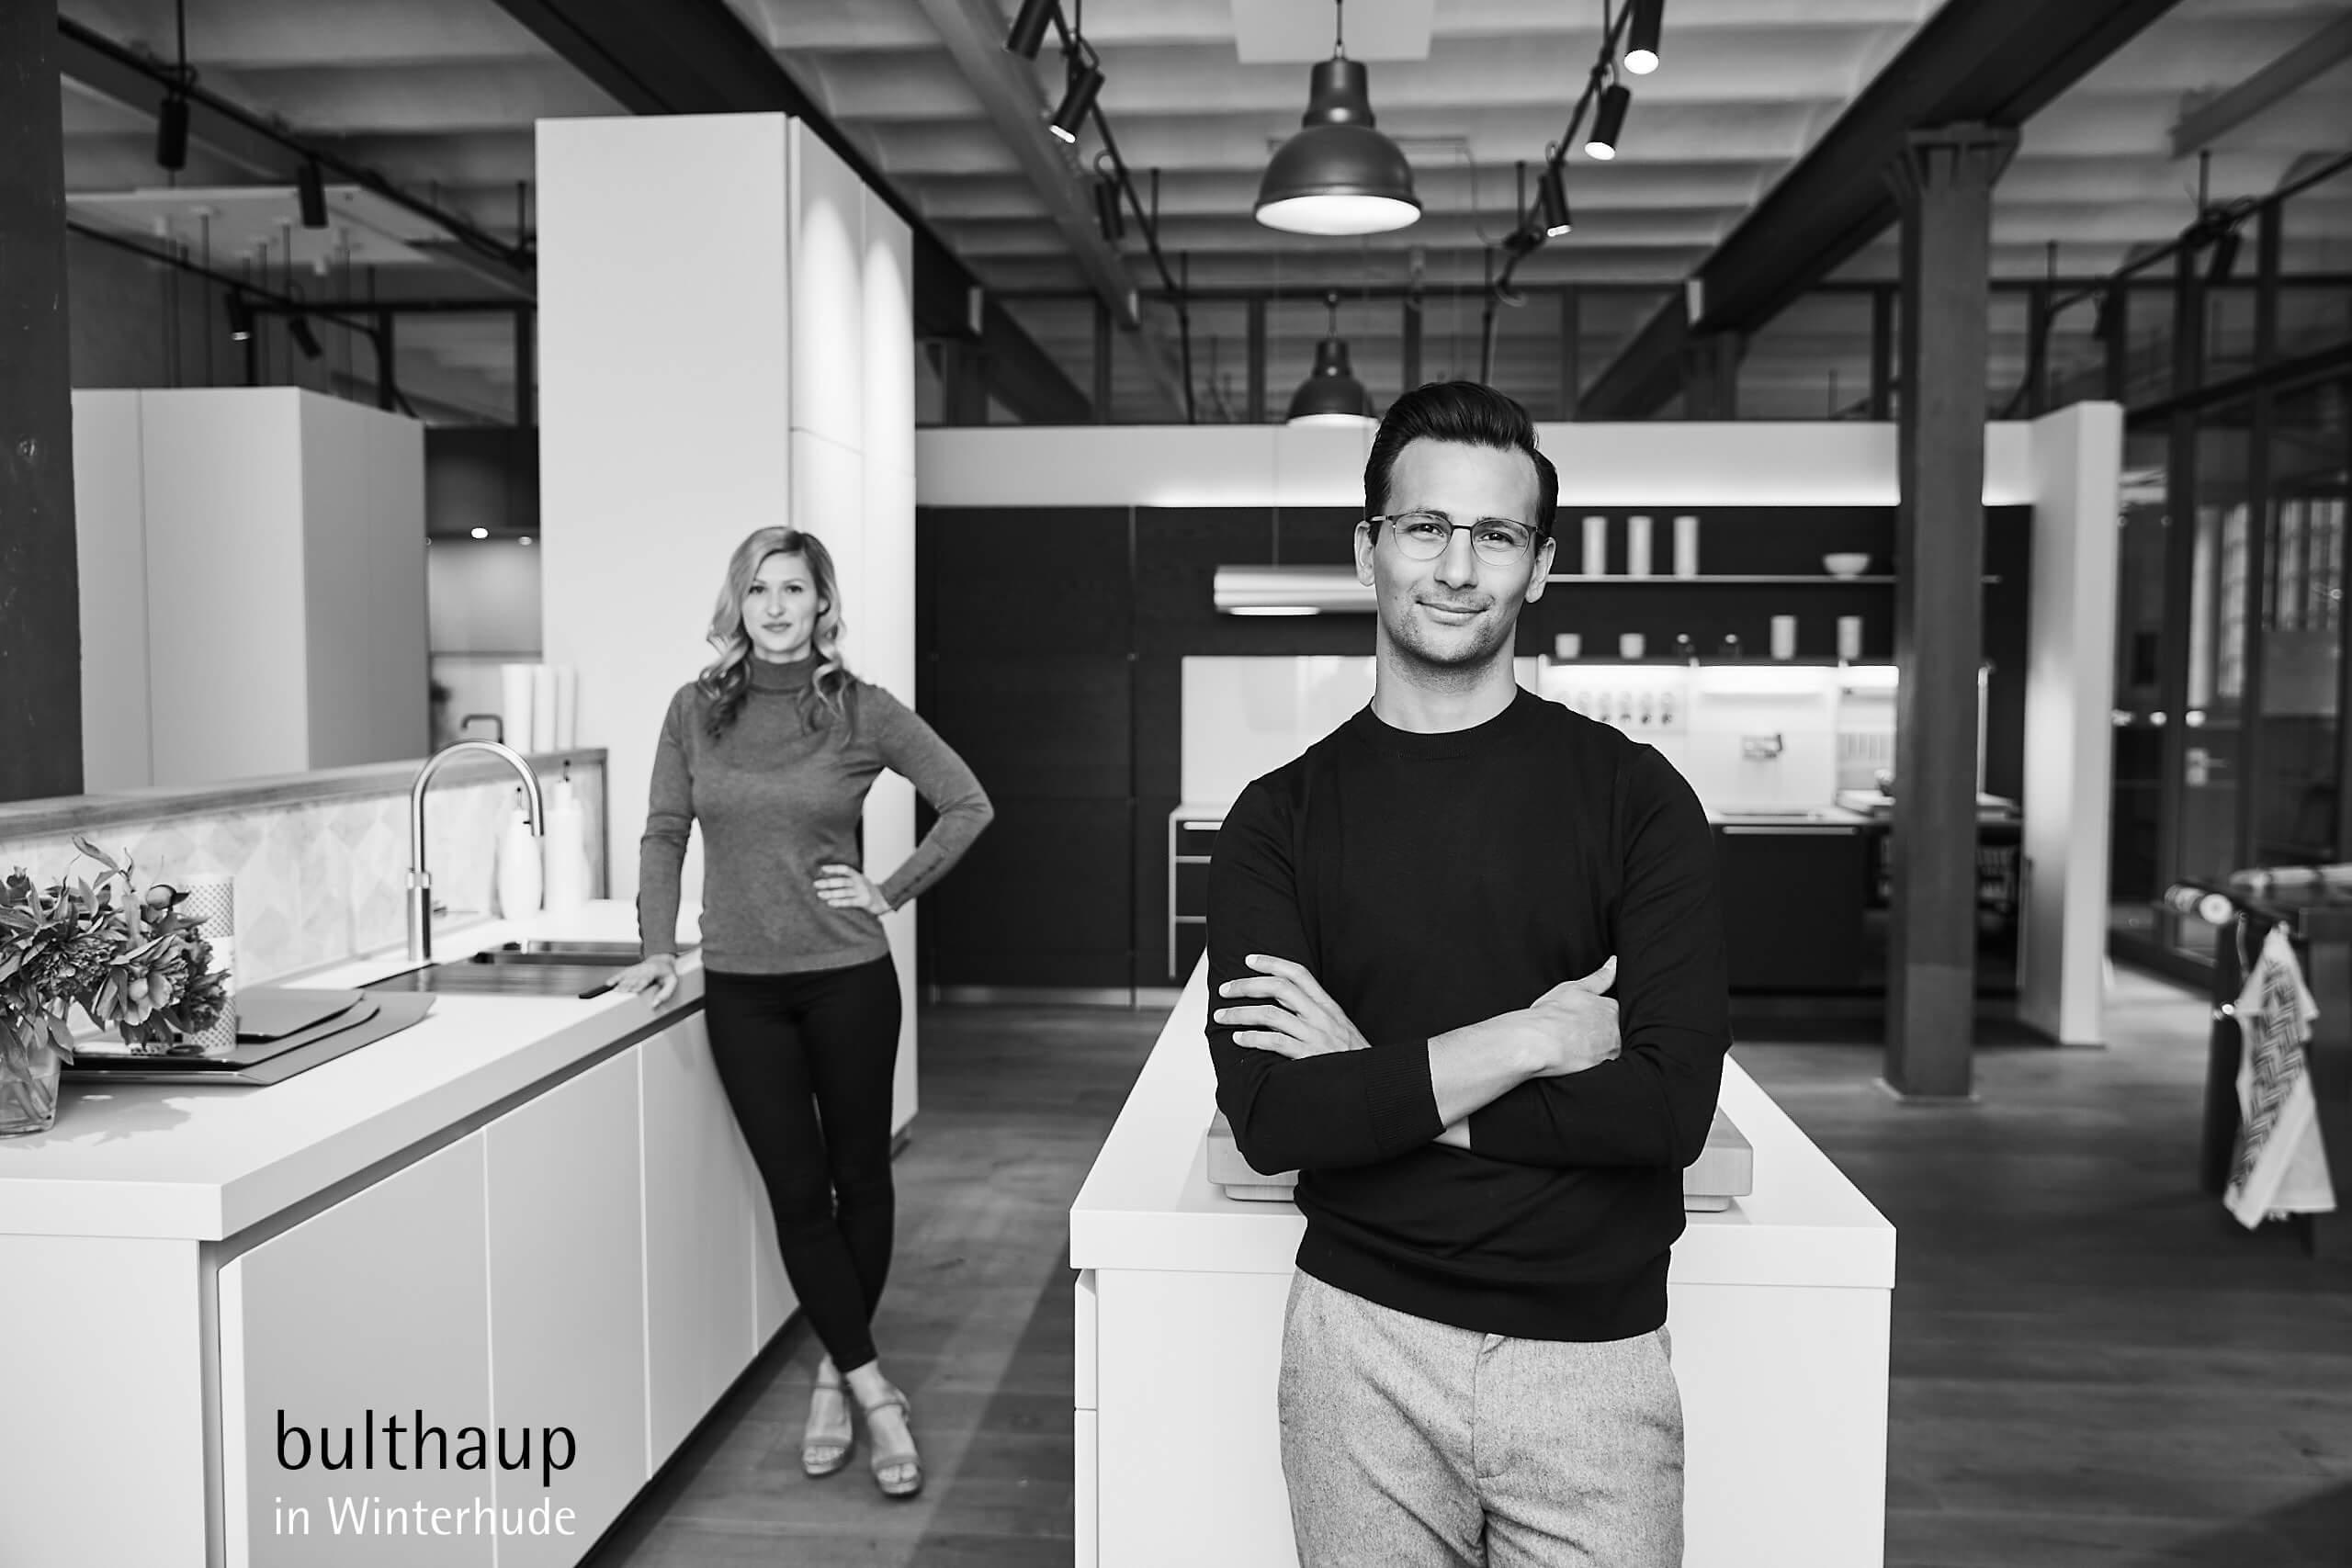 Küchen-Atelier Hamburg - bulthaup in Winterhude - KAH Küchen ...